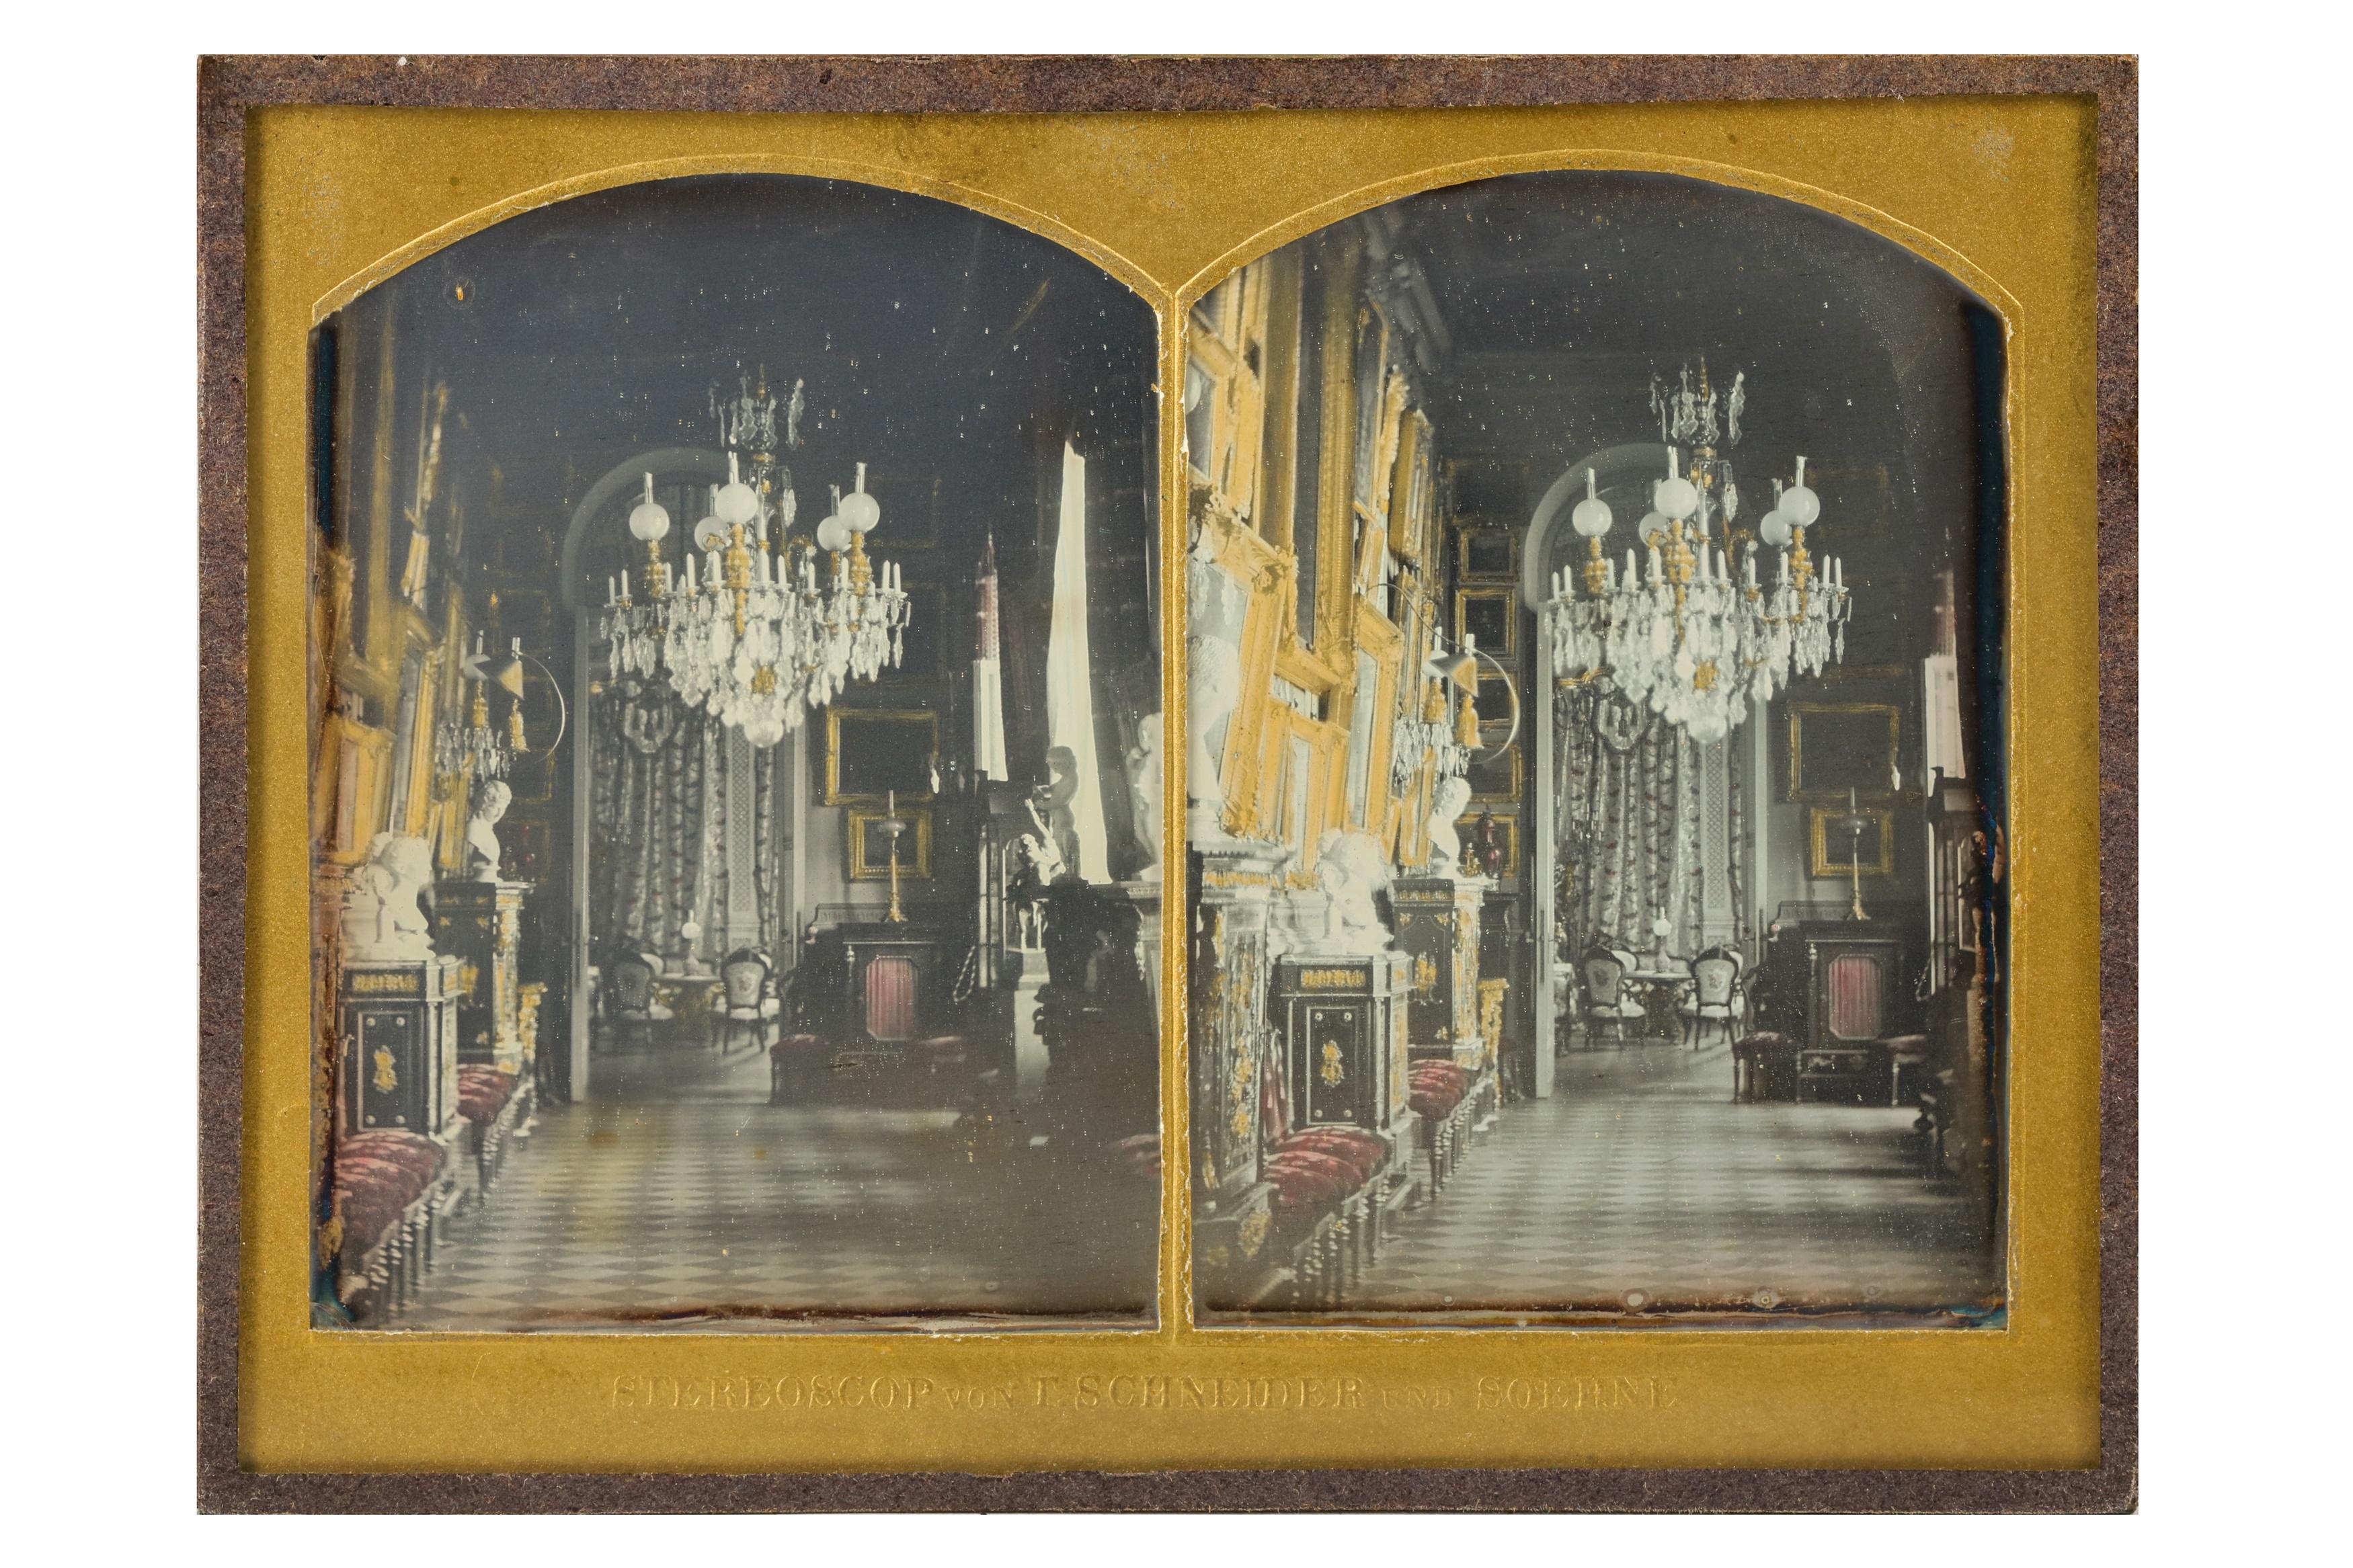 T. SCHNEIDER & SONS (1847-1921) - Image 12 of 22